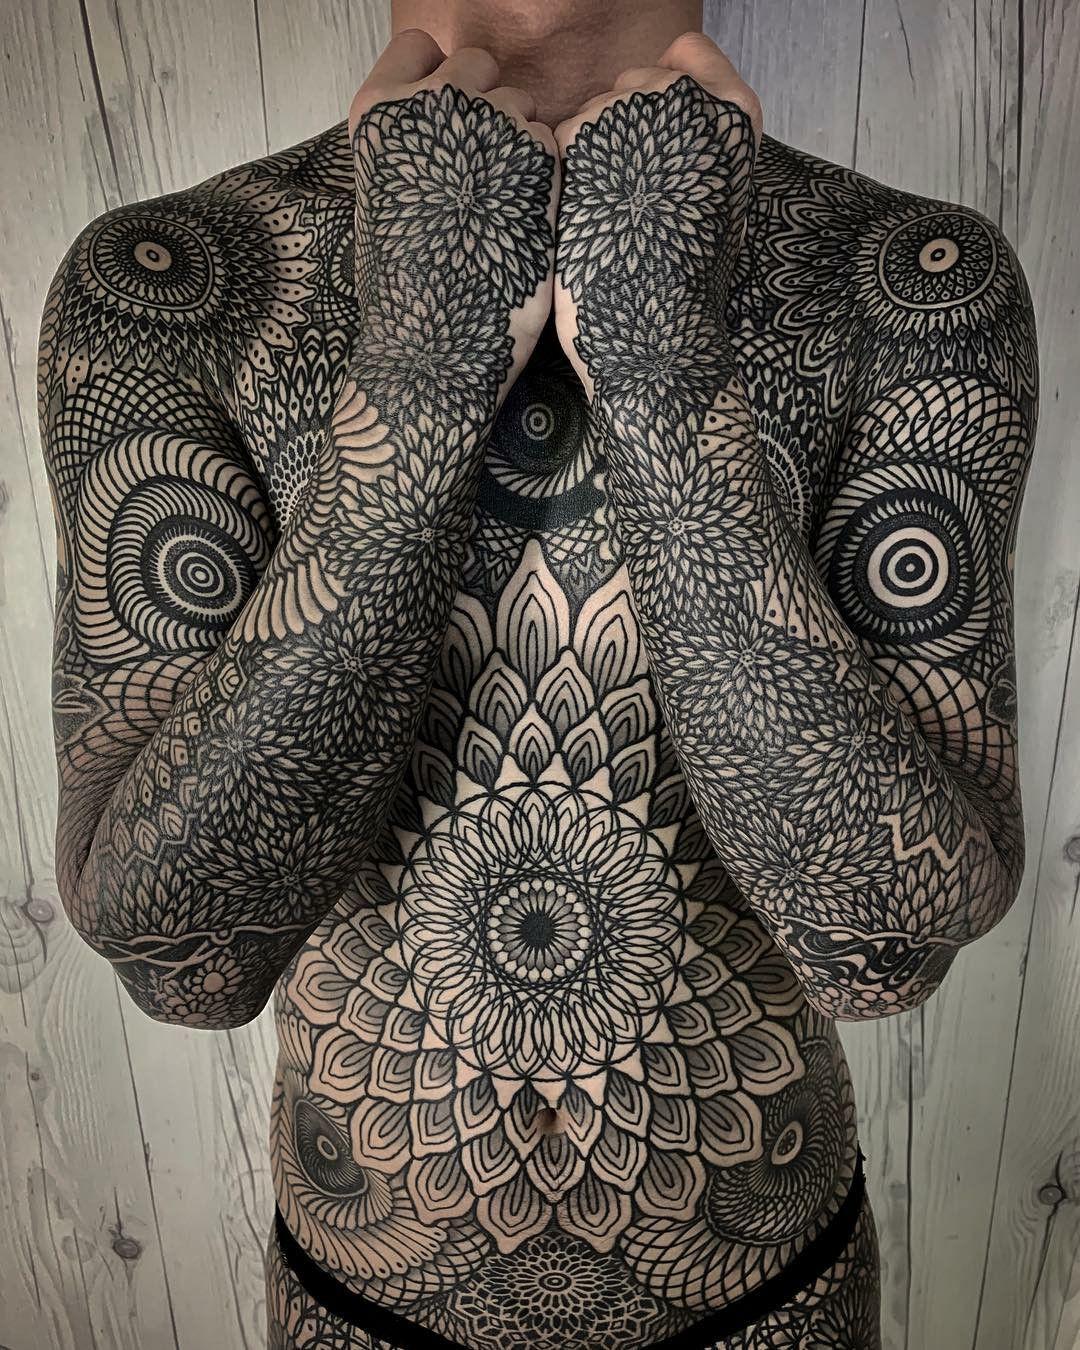 Henna Tattoo Seminyak: Татуировка